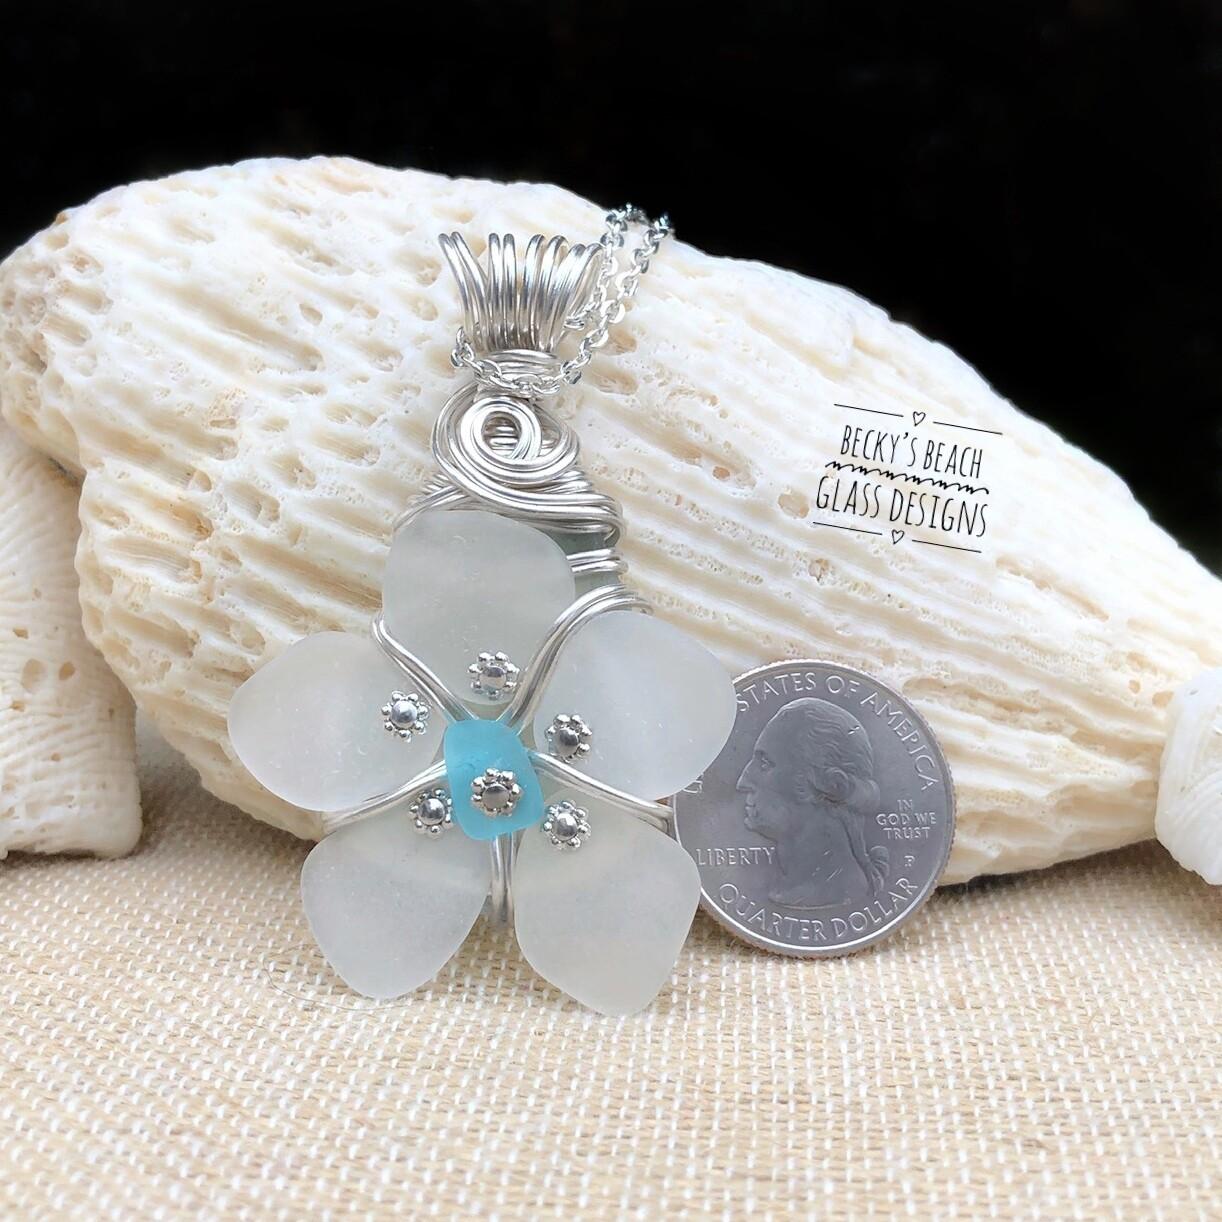 White w/Bright Aqua Center Sea Glass Flower Pendant Necklace